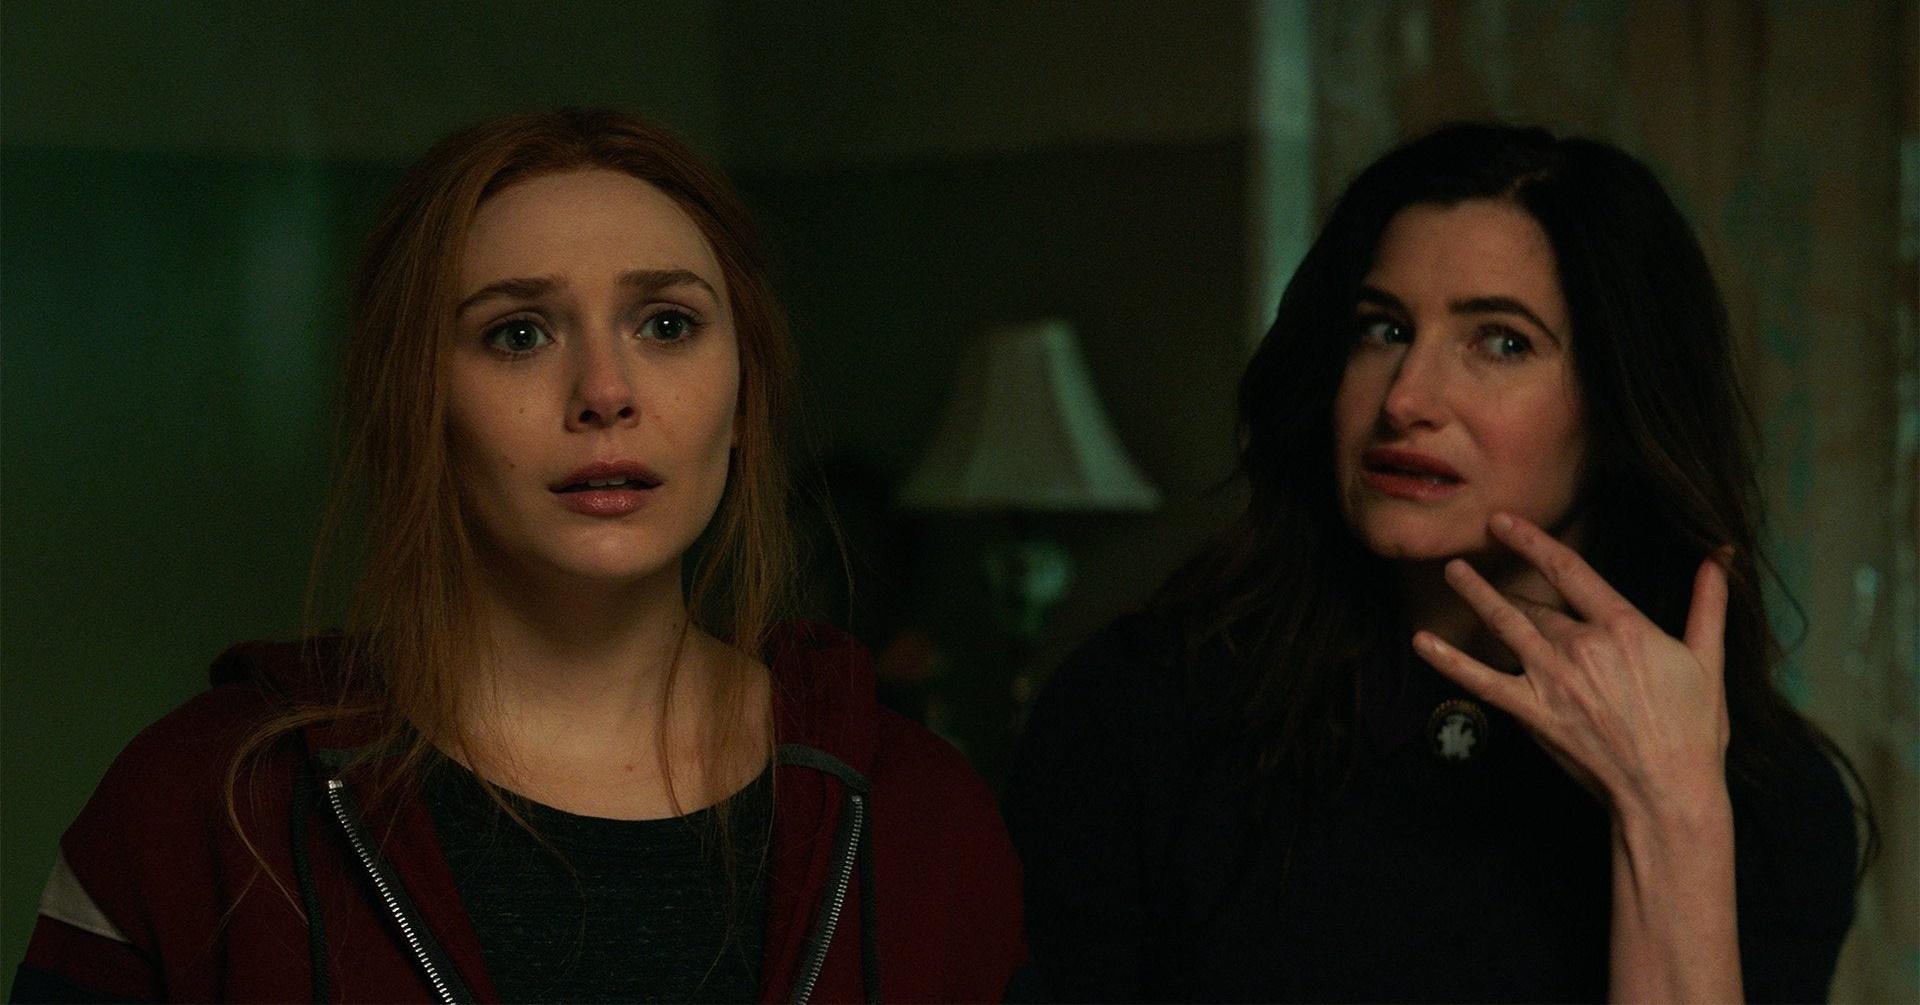 Cena da série WandaVision. Nela, vemos Elizabeth Olsen no papel de Wanda e Kathryn Hahn no papel de Agnes. Elas estão uma ao lado da outra, olhando para a frente. Wanda é uma mulher branca, adulta, ruiva e que veste um moletom vermelho. Agnes é uma mulher branca, adulta, de cabelos pretos e que veste roupas escuras. Ela está com a mão direita no queixo e tem um olhar de dúvida.